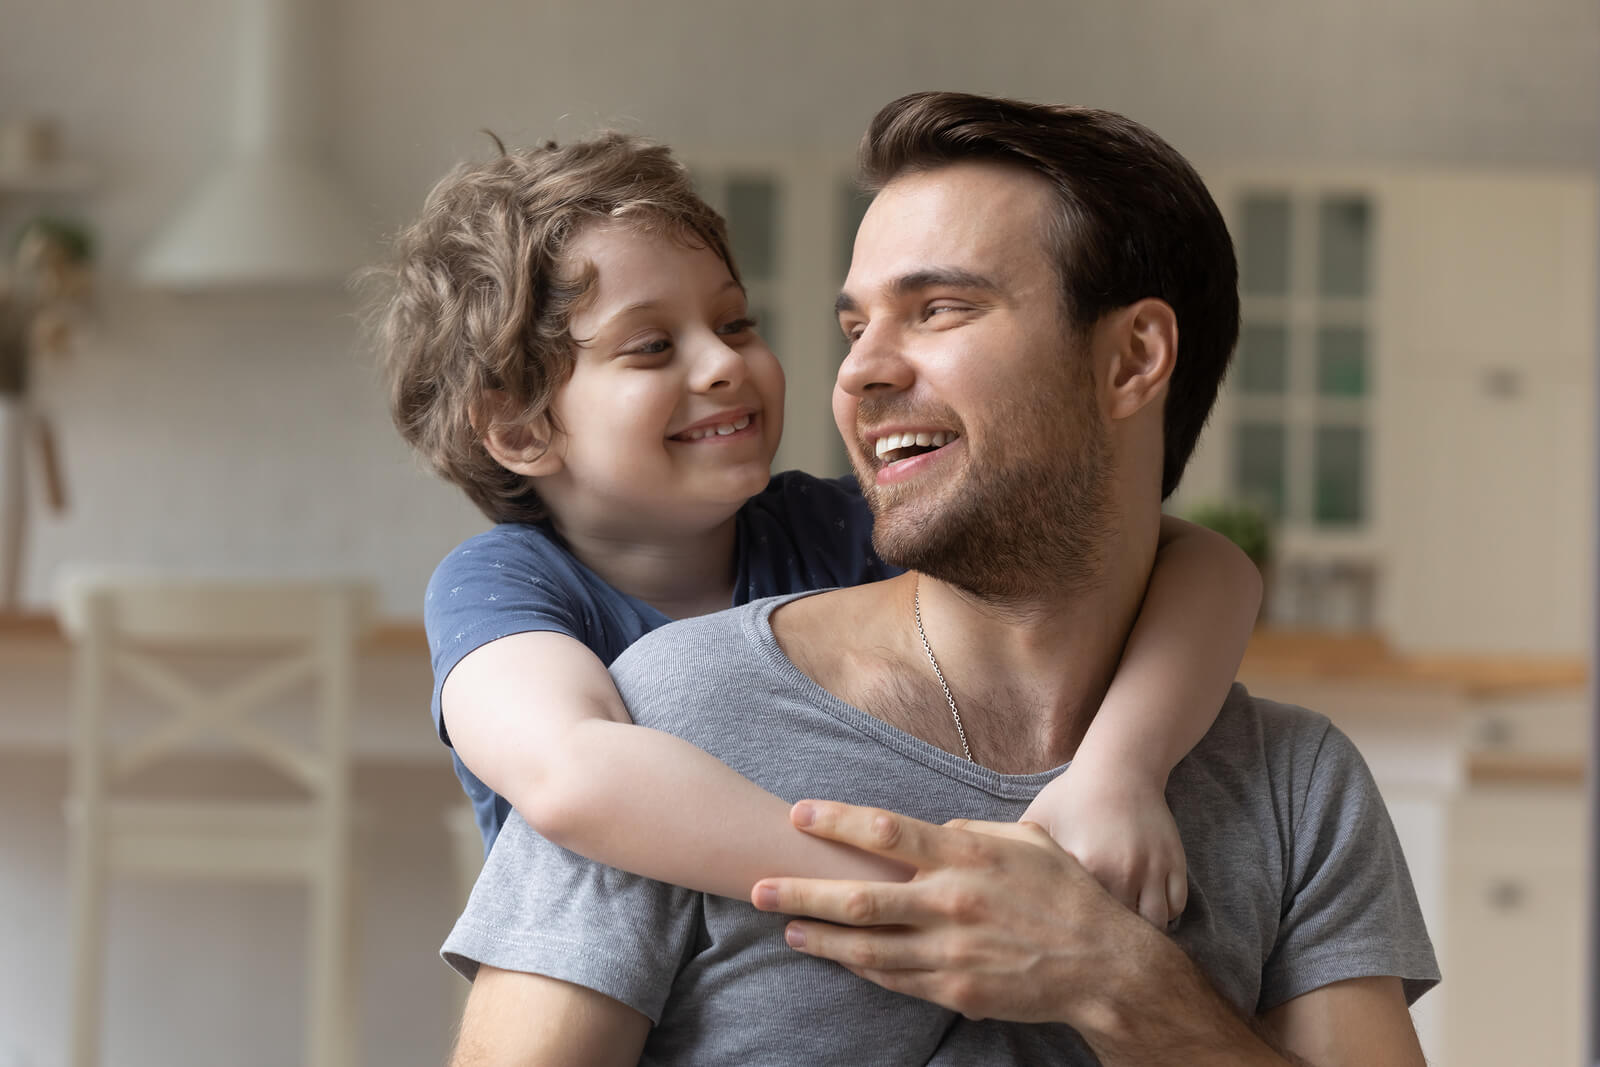 Niño dando las gracias a su padre con un abrazo gracias al reconocimiento social.